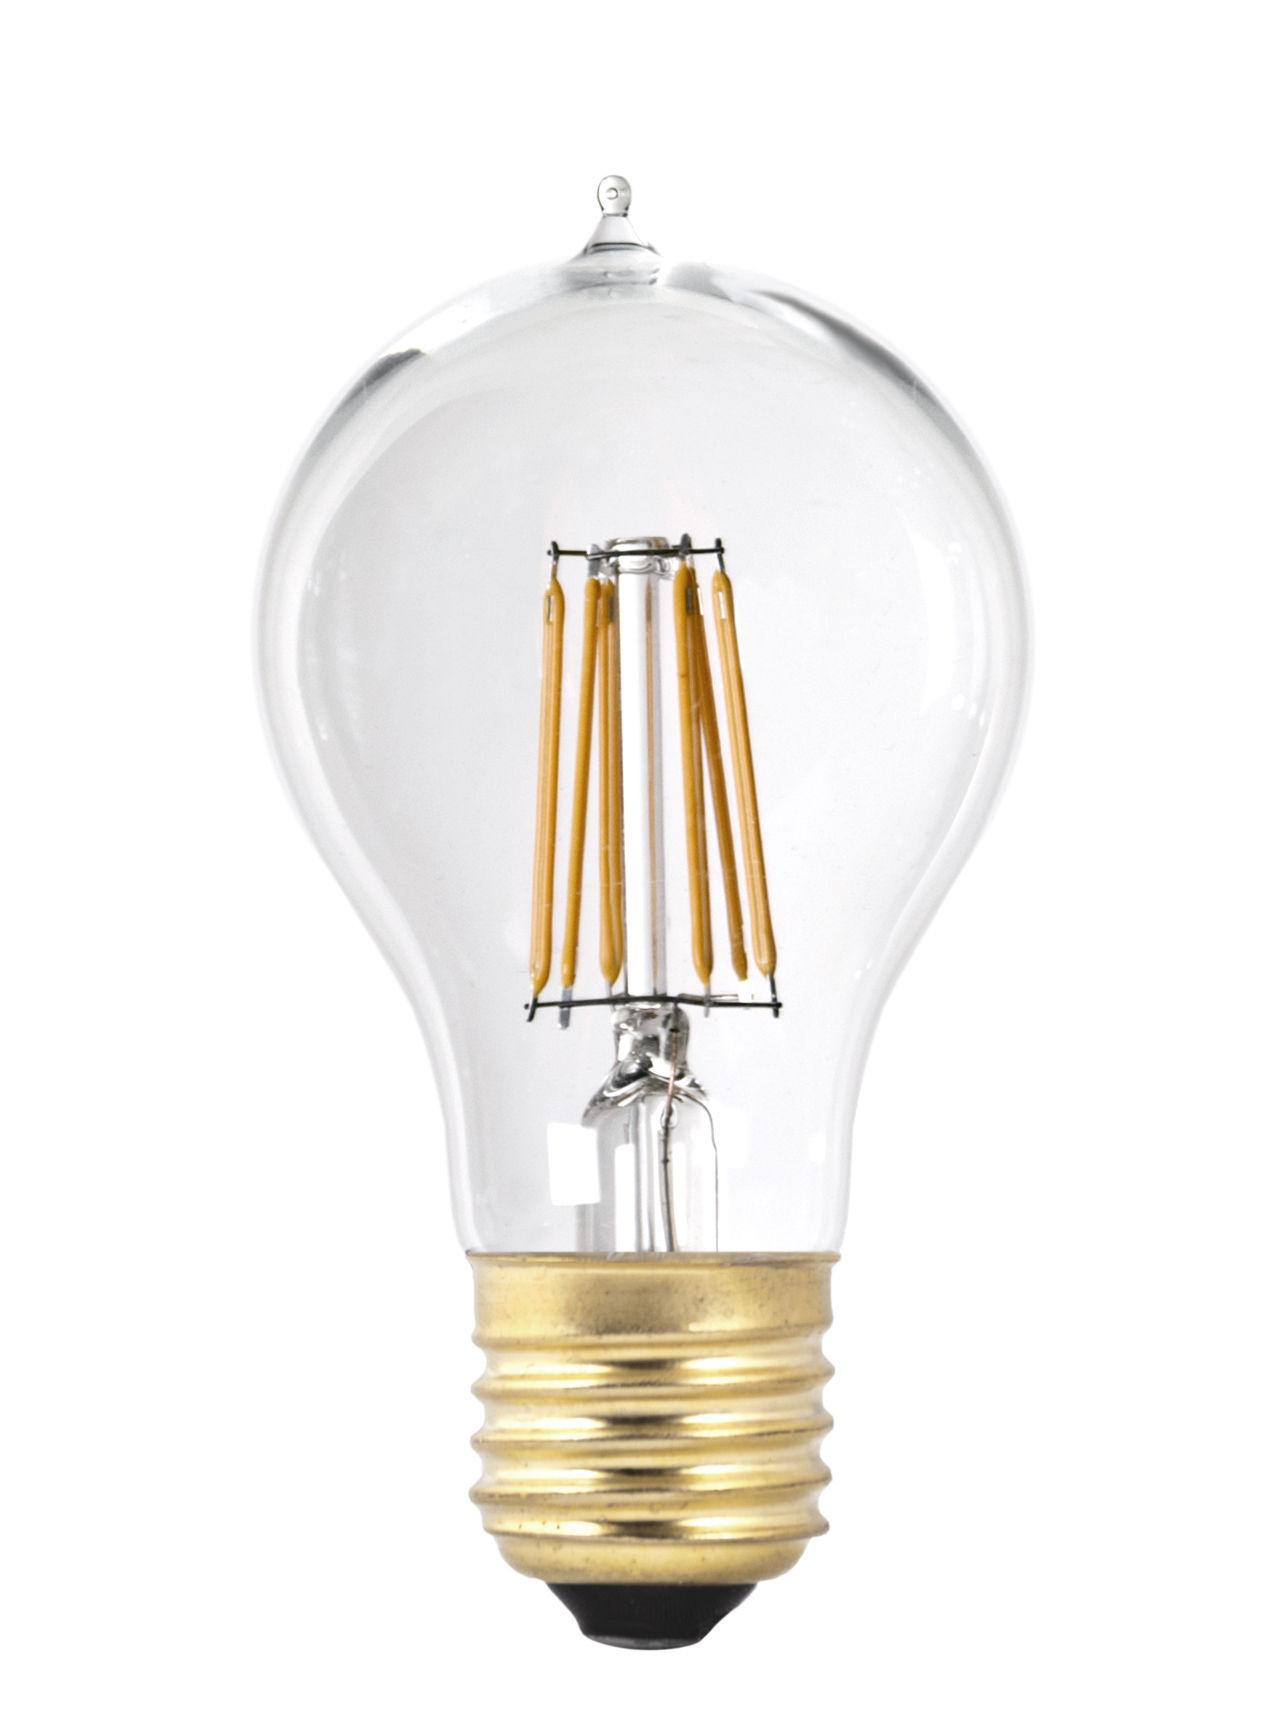 ampoule led filaments e27 a19 6w 60w transparent or pop corn. Black Bedroom Furniture Sets. Home Design Ideas